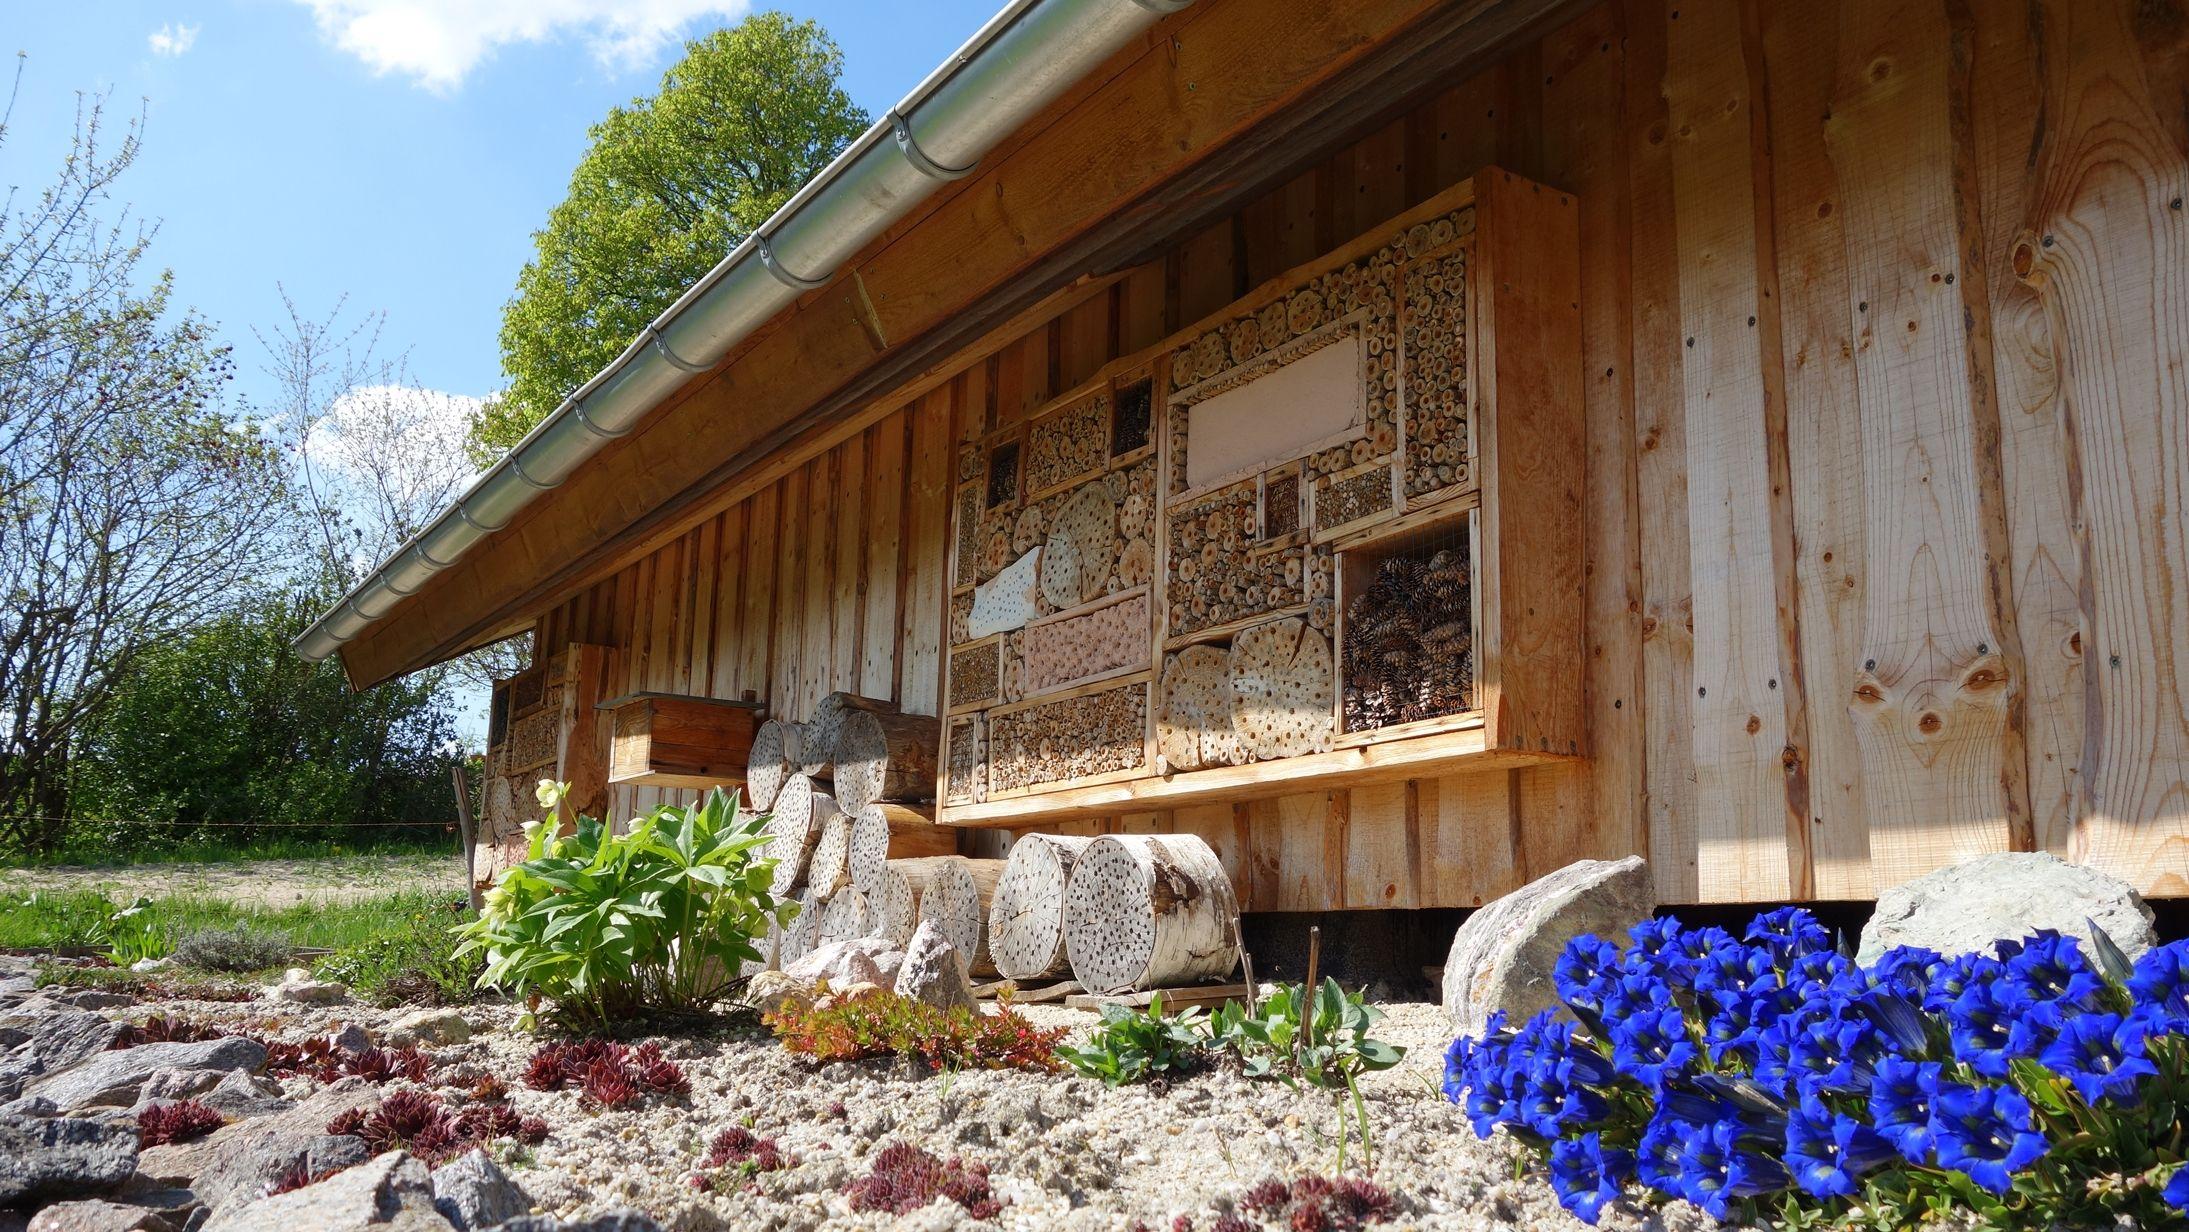 Ja so blau blau blau blüht der Enzian... hier bei uns im Erzgebirge. Hier mit unserem immer ausgebuchten (Insekten) Hotel. :-)